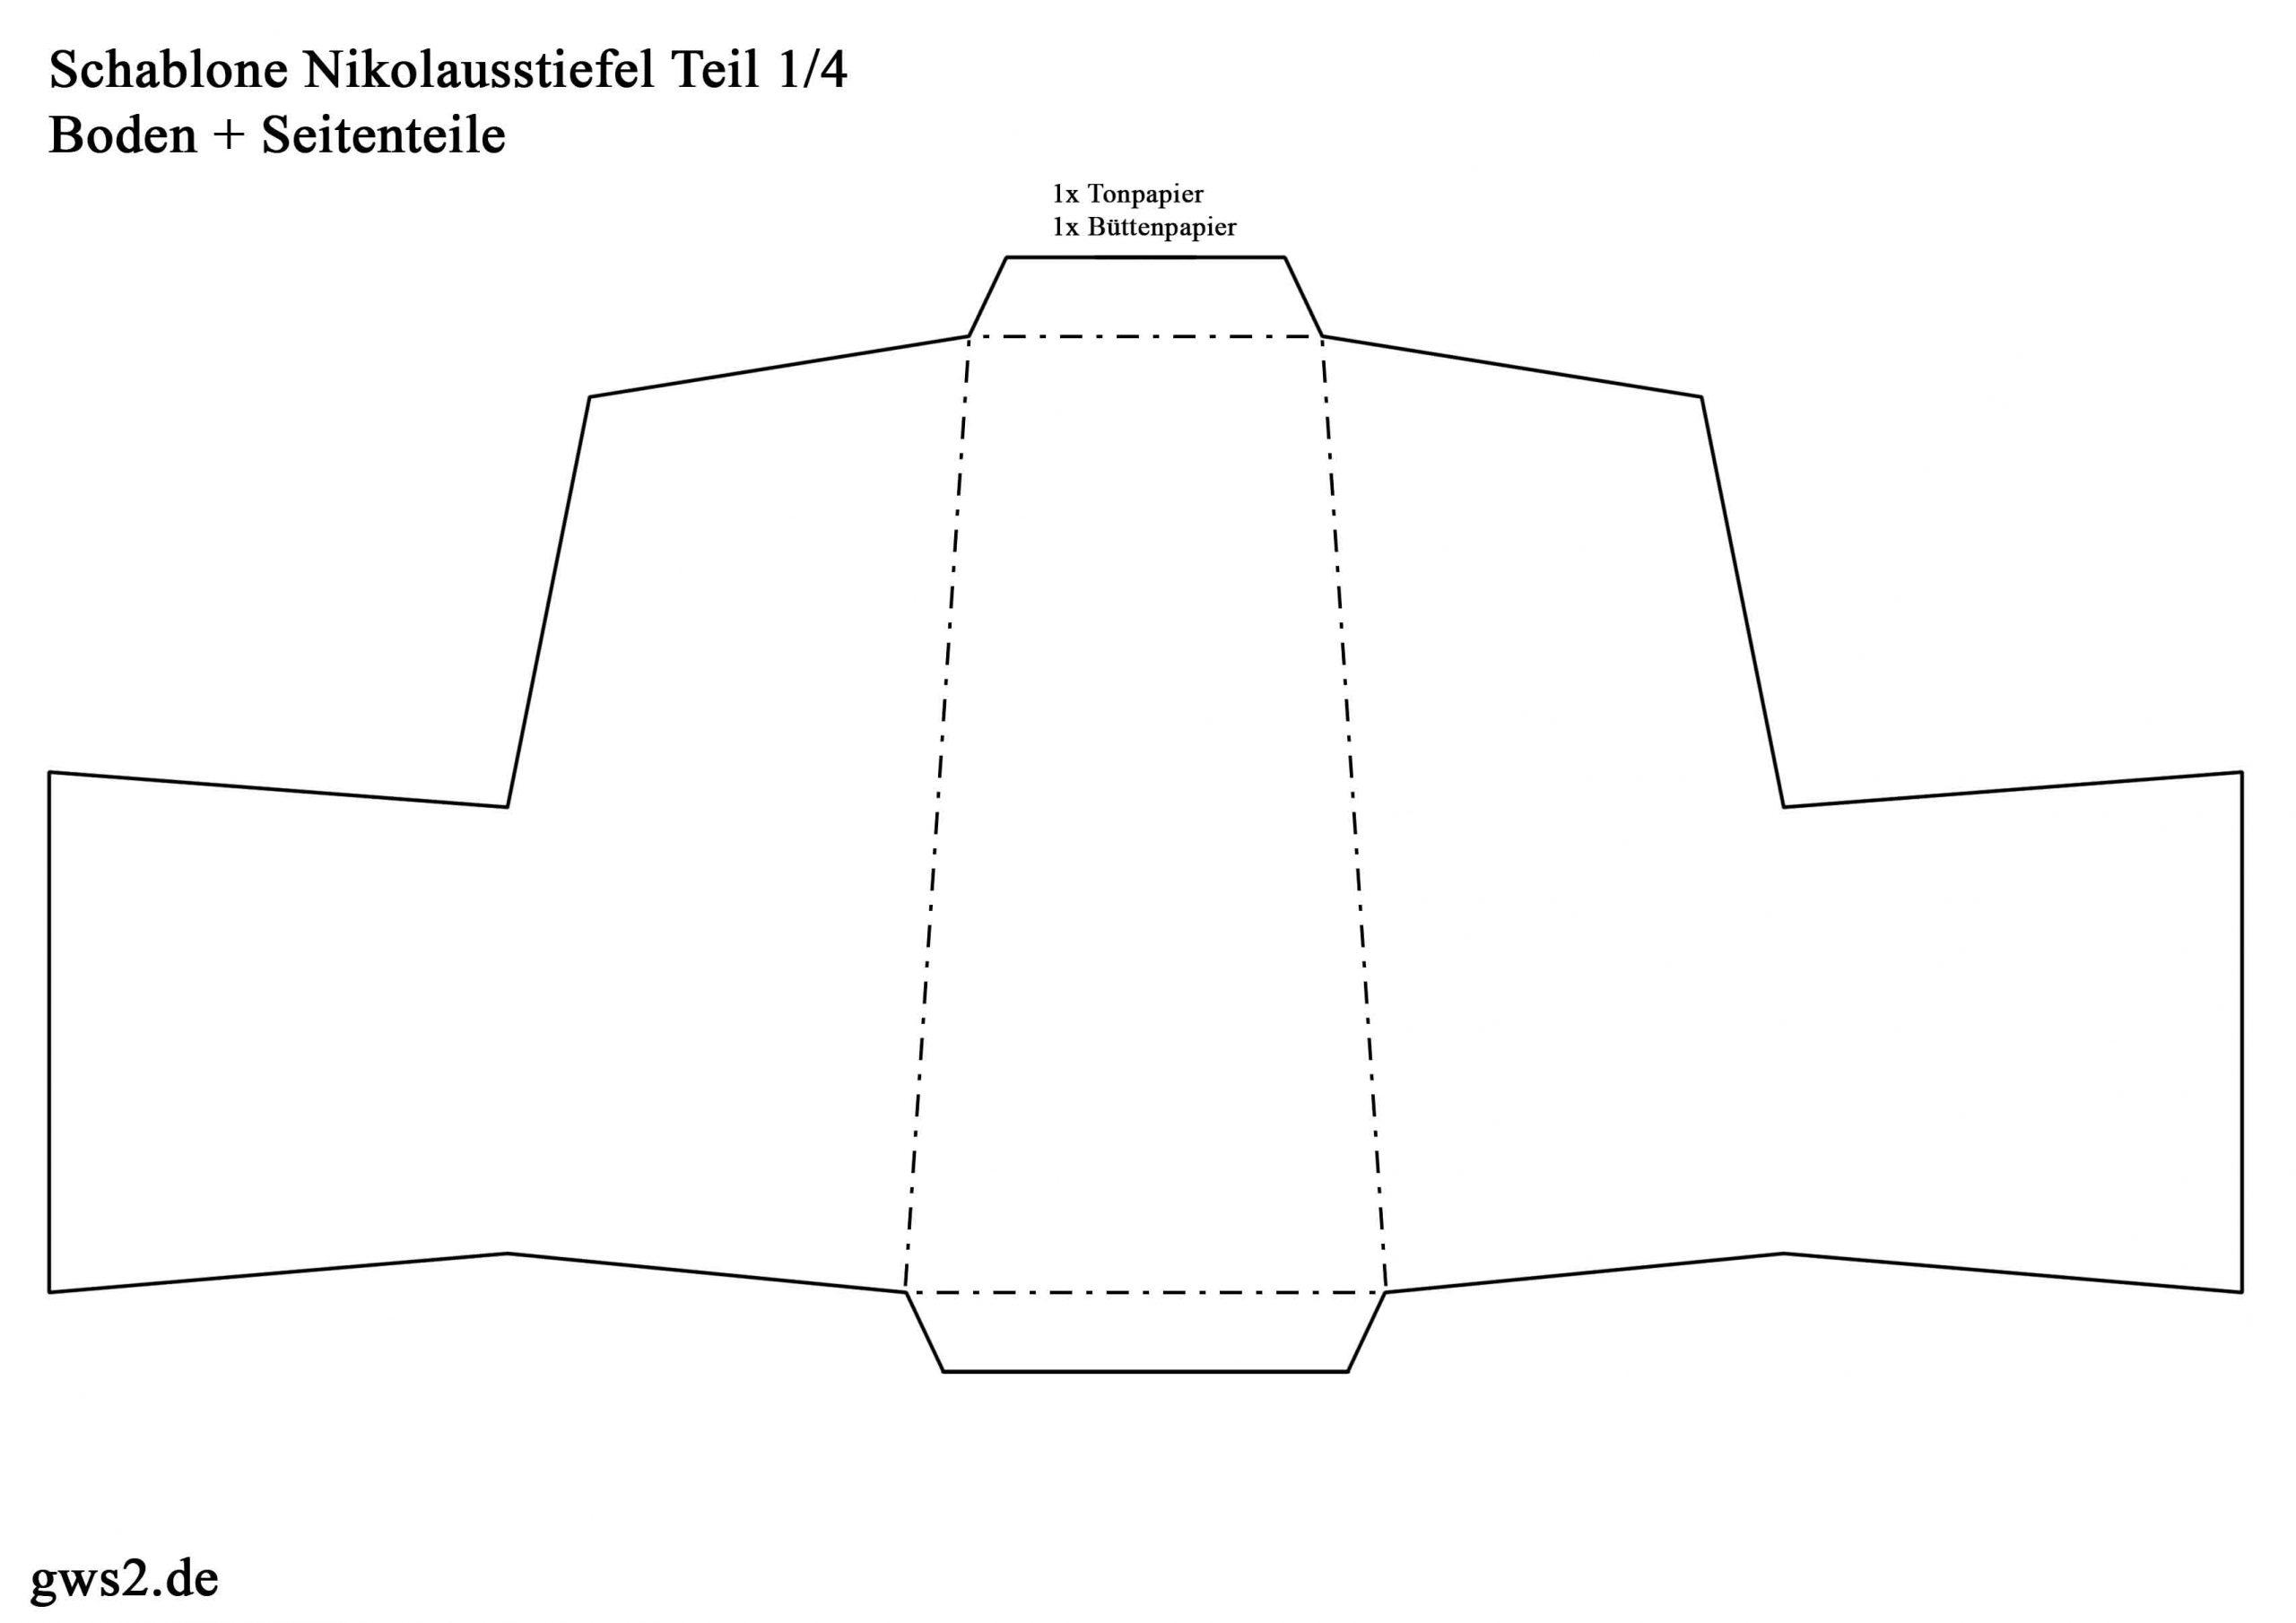 Nikolaus: Stiefel Aus Papier Basteln - Verpackung Für bei Bastelvorlage Nikolausstiefel